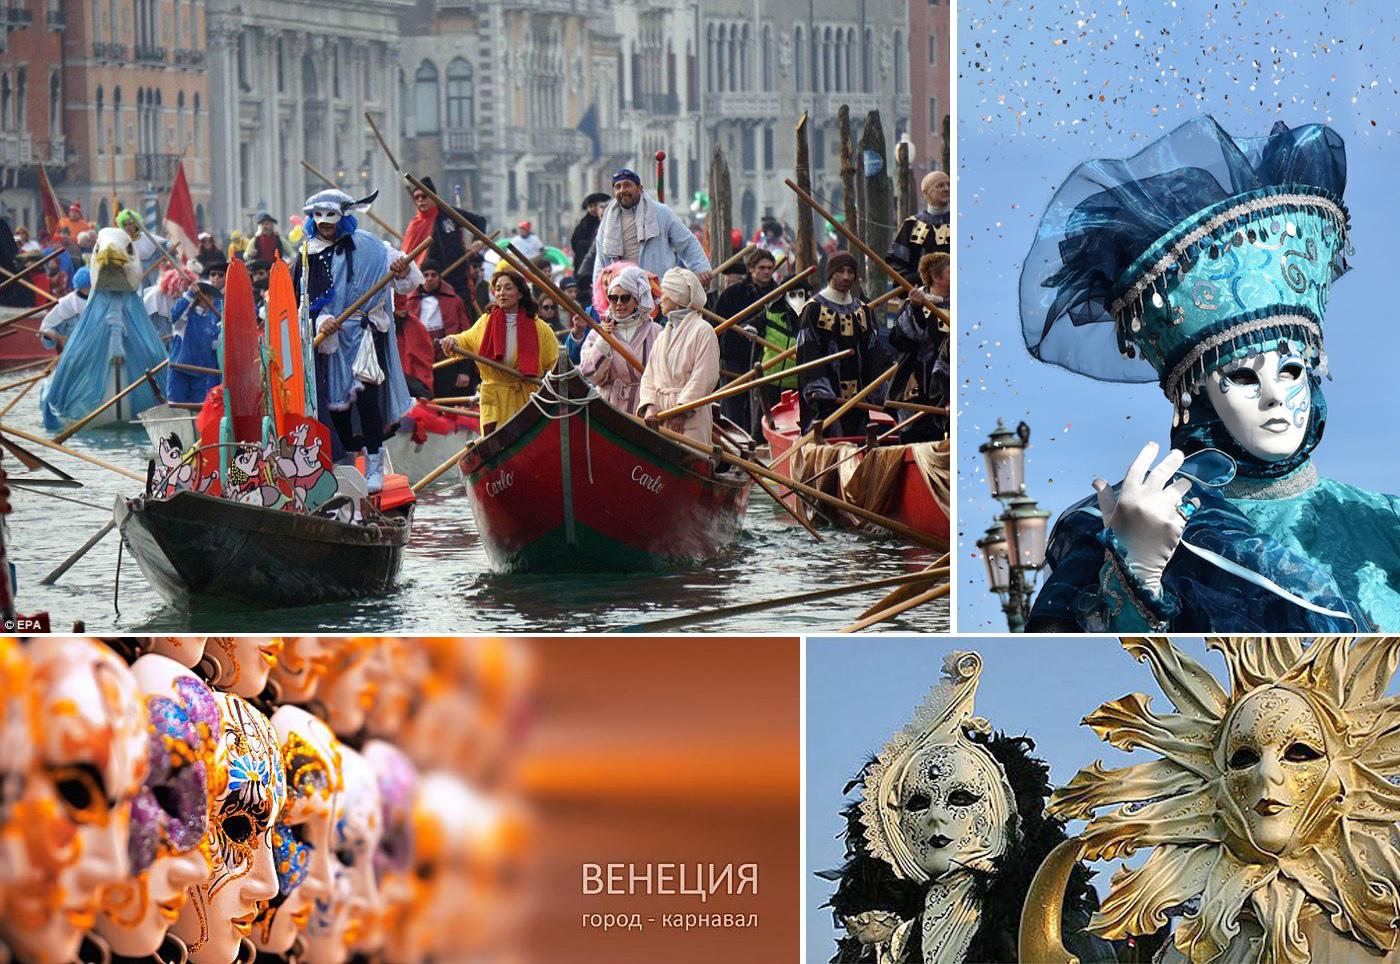 Карнавал в Венеции - это праздник, который останется с вами на всю жизнь!